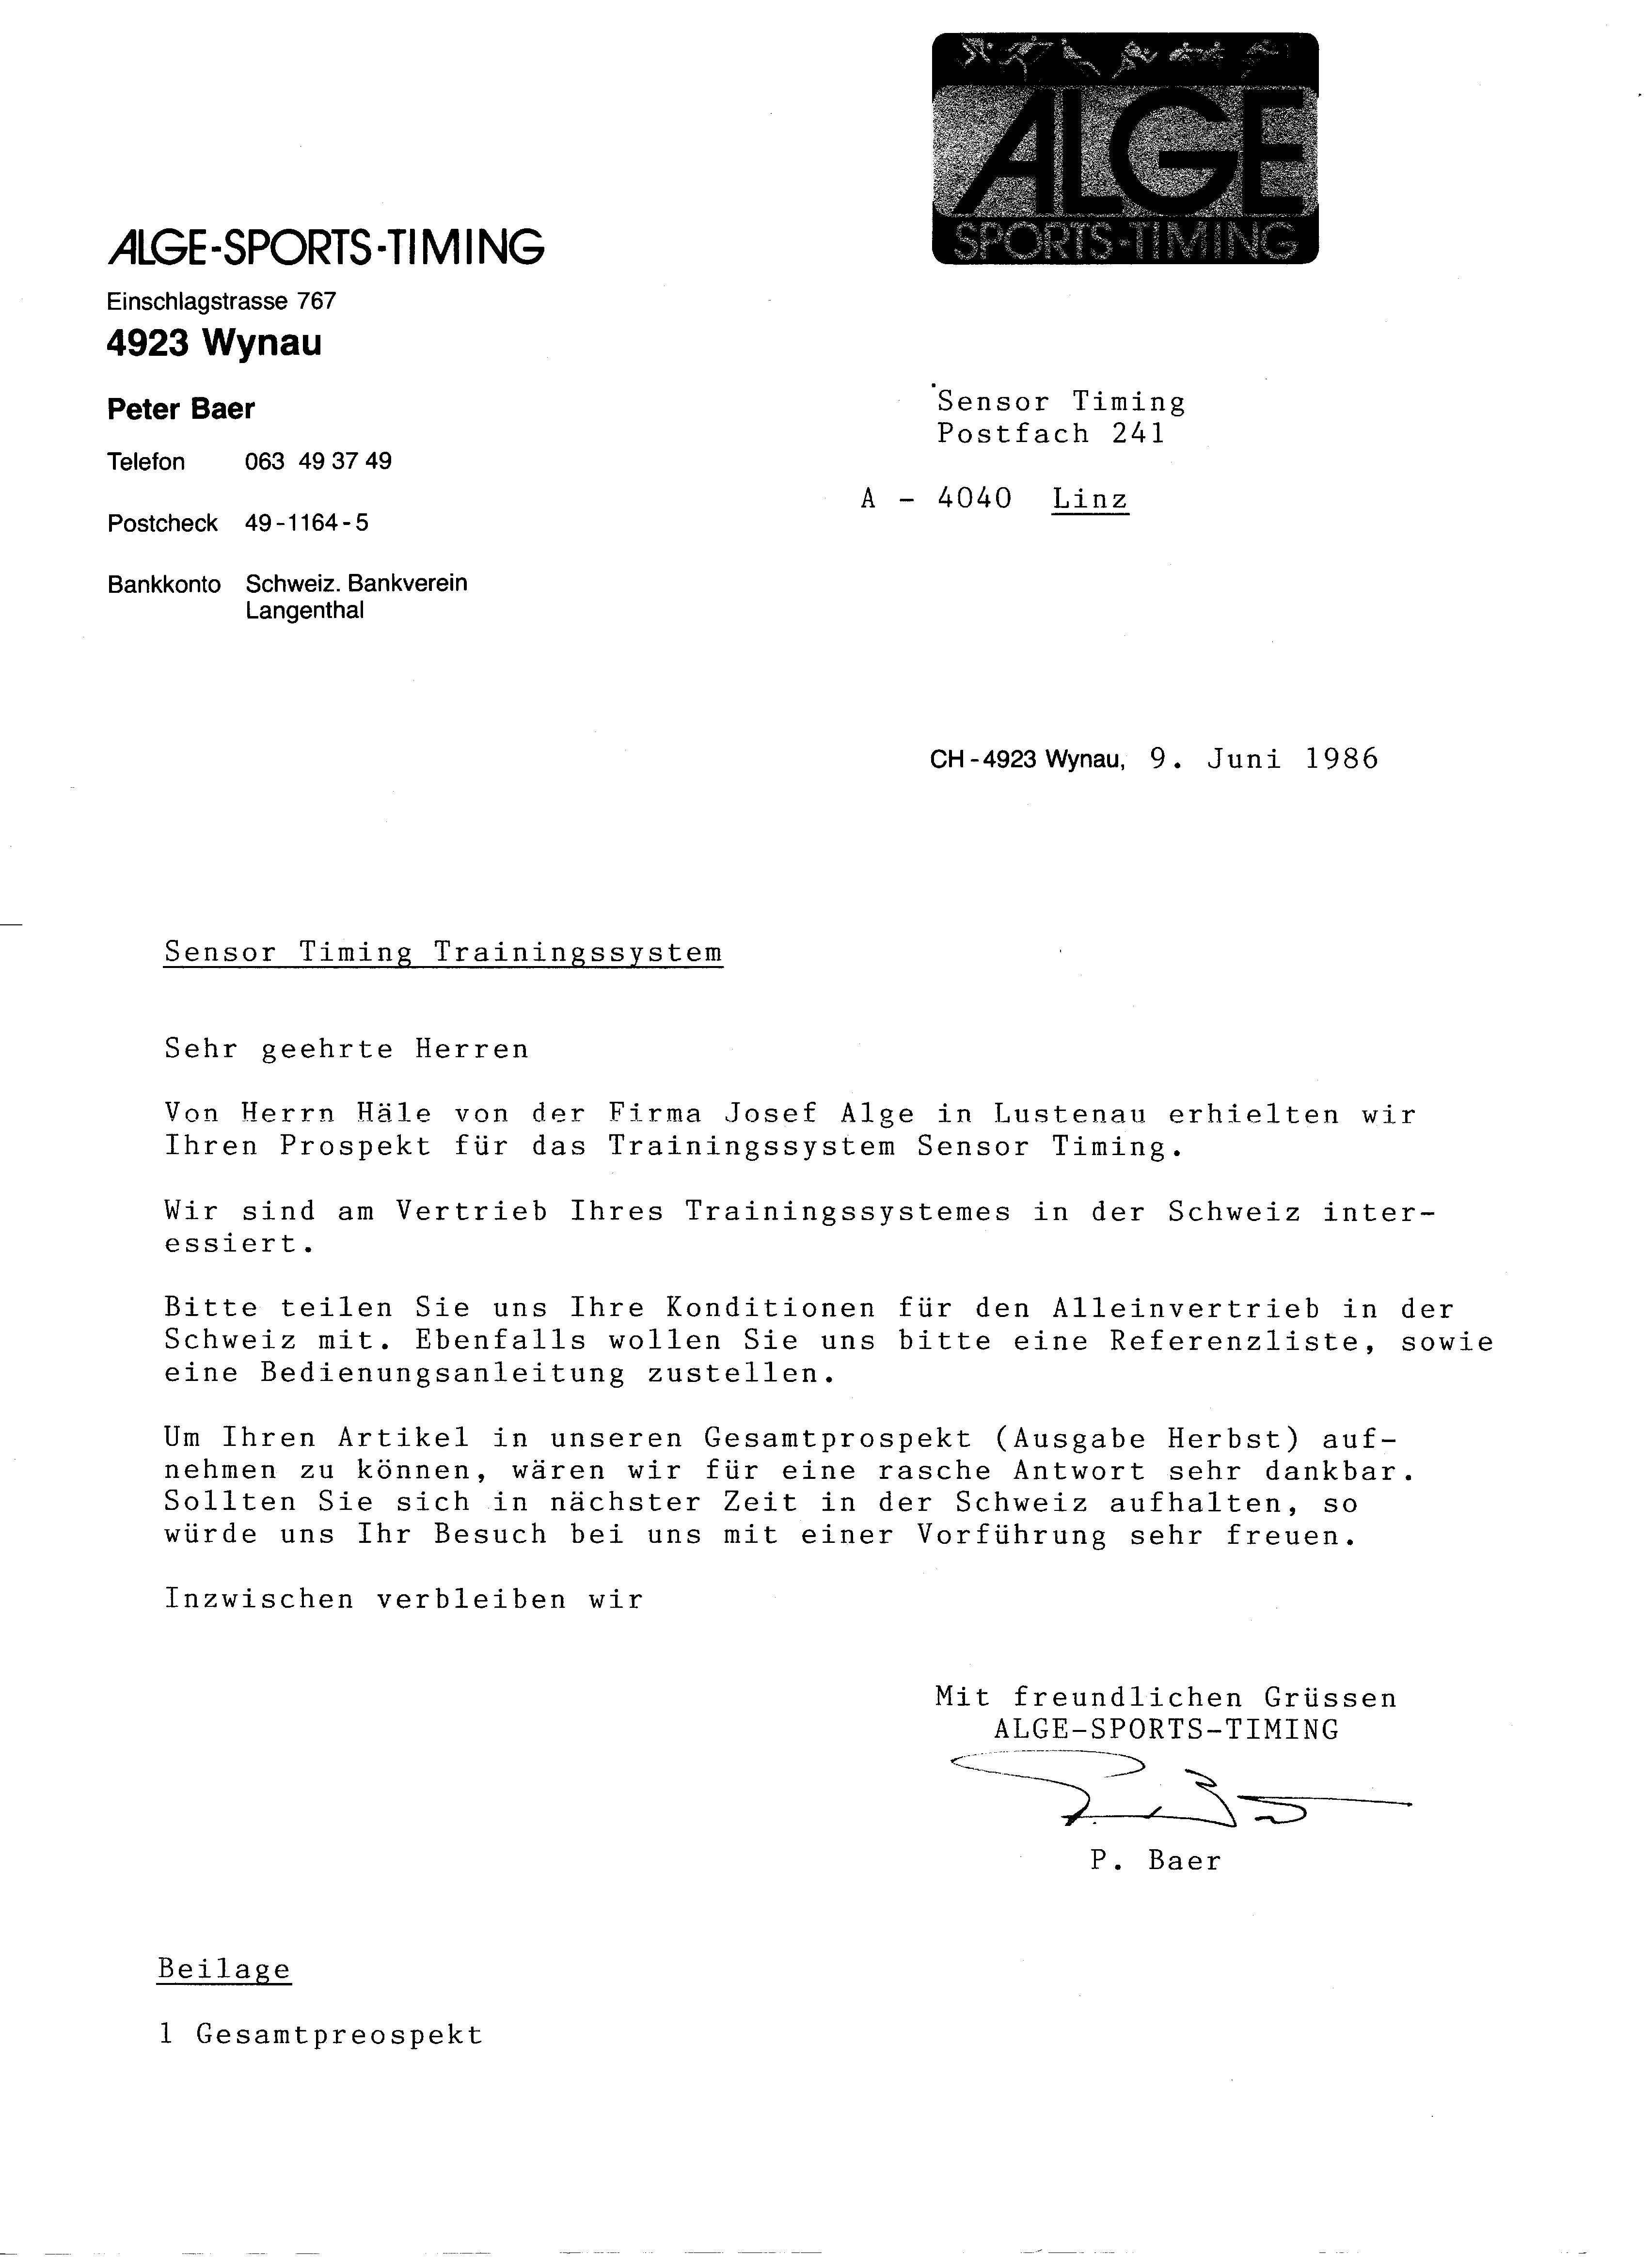 peter baer fr die schweiz und die fa fairplay echner fr deutschland im juni 1986 kam es in bozen zur bergabe von ca 20 mustergerten - Verzichtserklarung Muster